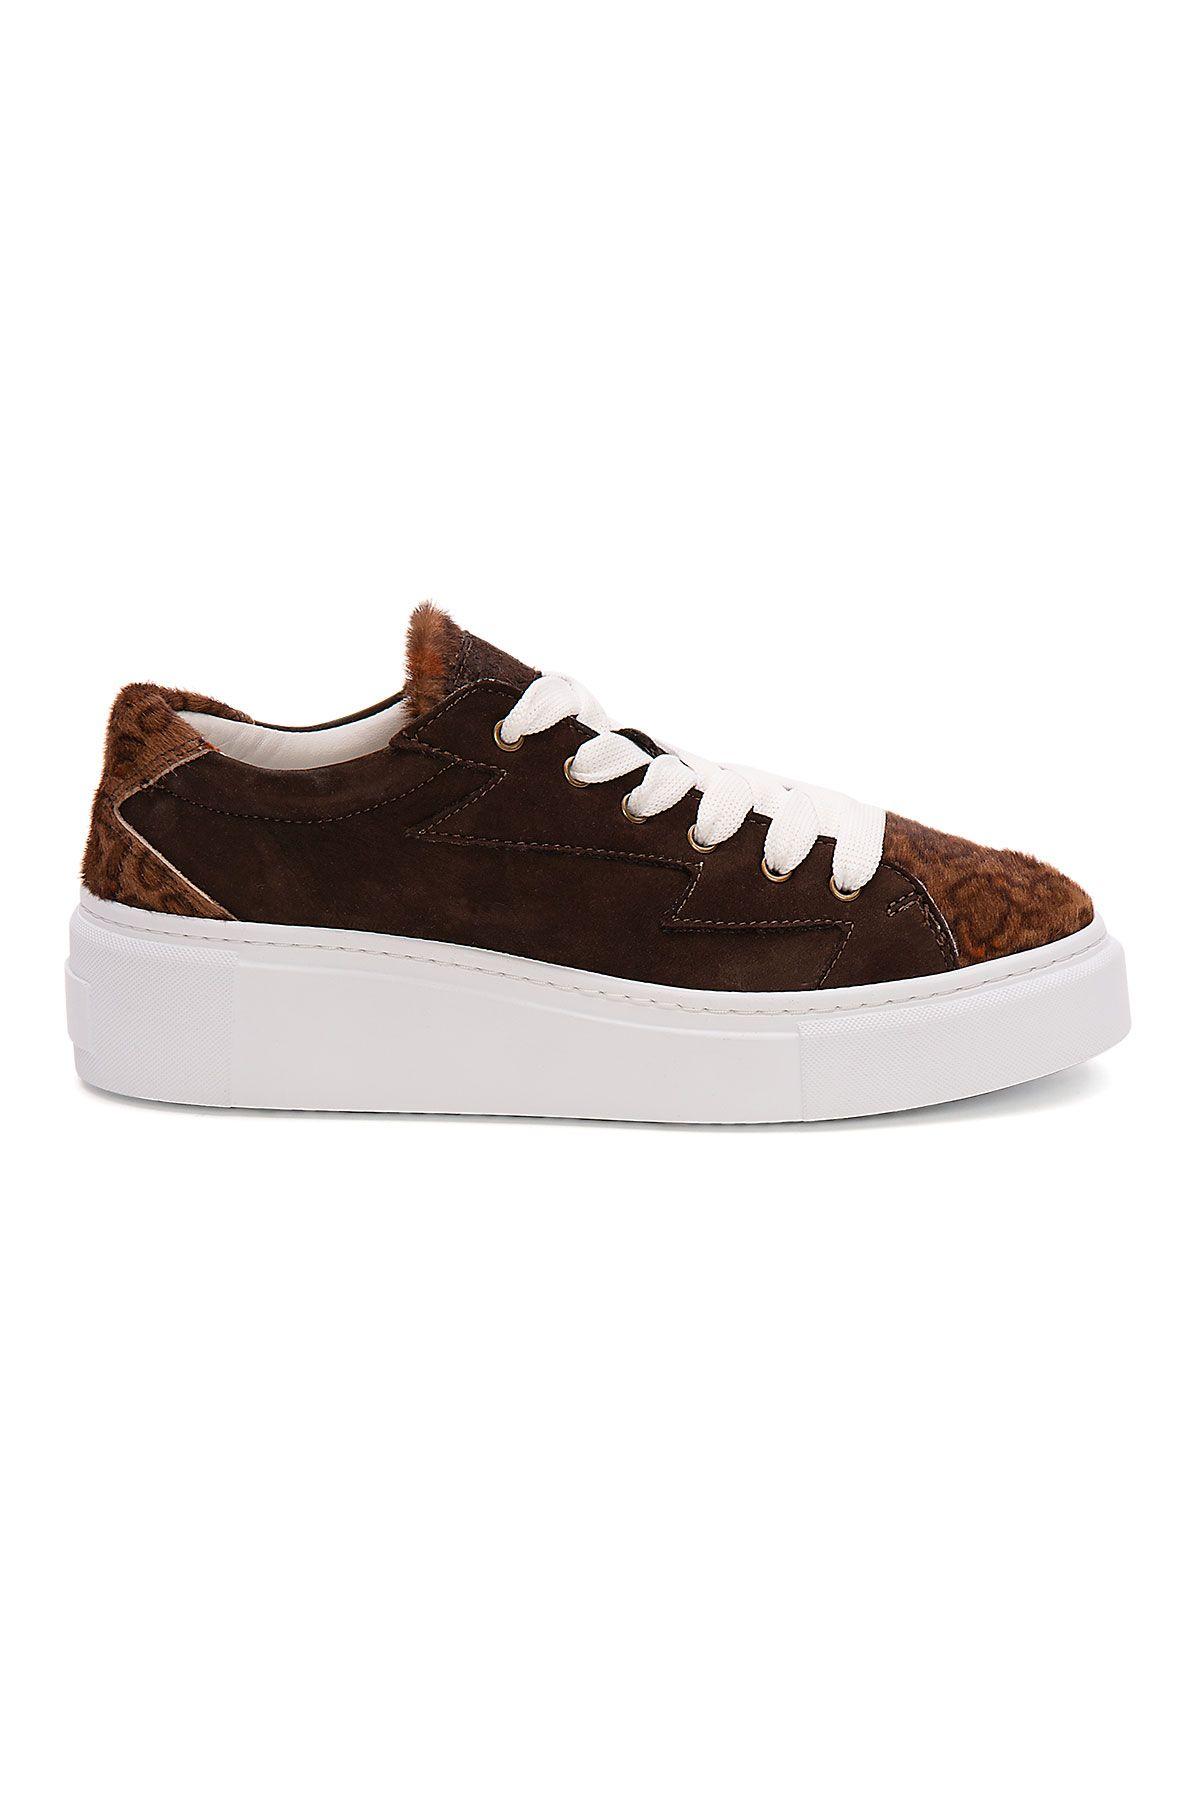 Pegia Genuine Leather Women's Sneaker LA1513 Brown